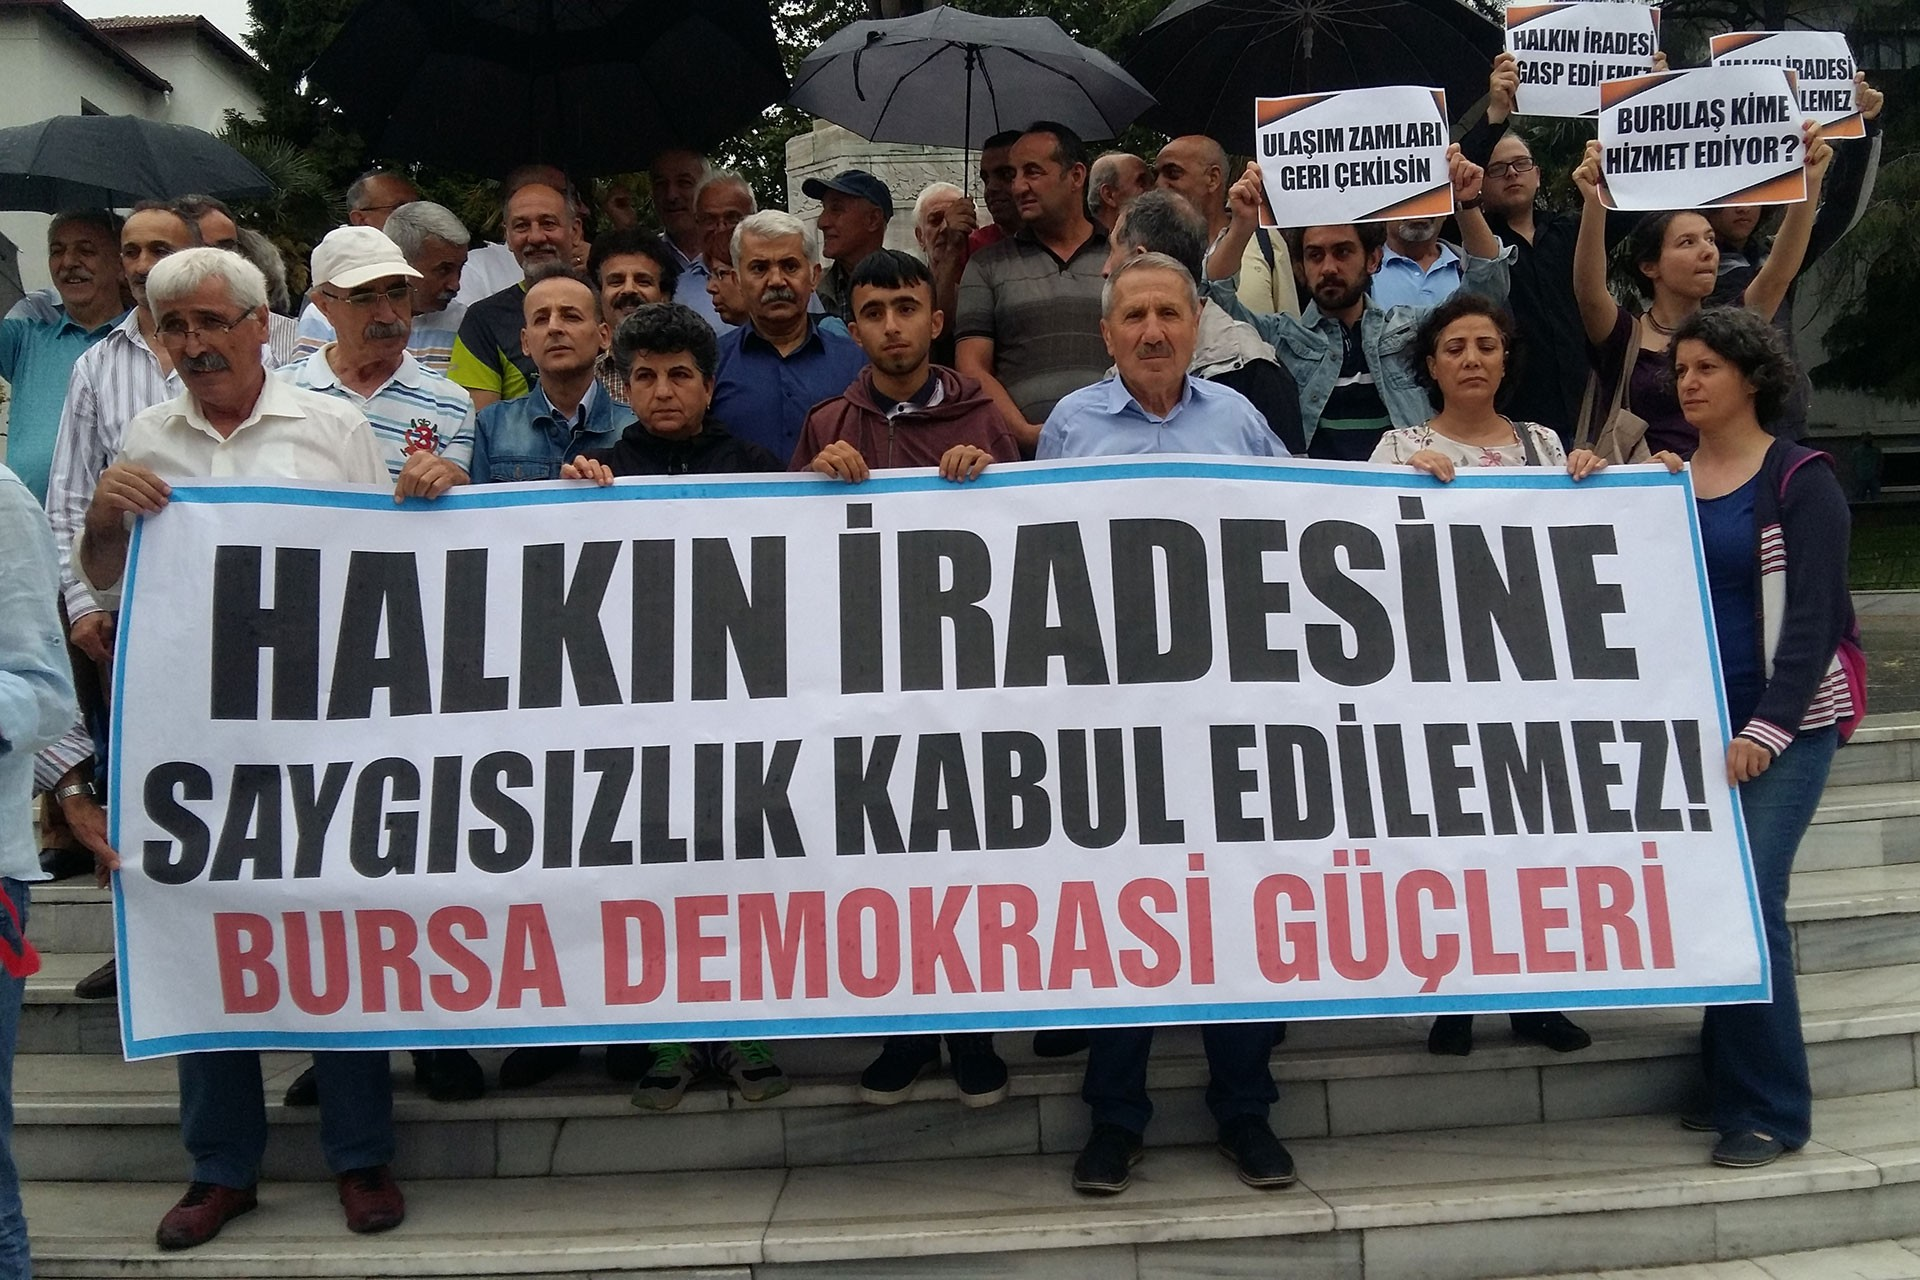 Bursa Demokrasi Güçleri ulaşım zammını ve YSK kararını protesto etti